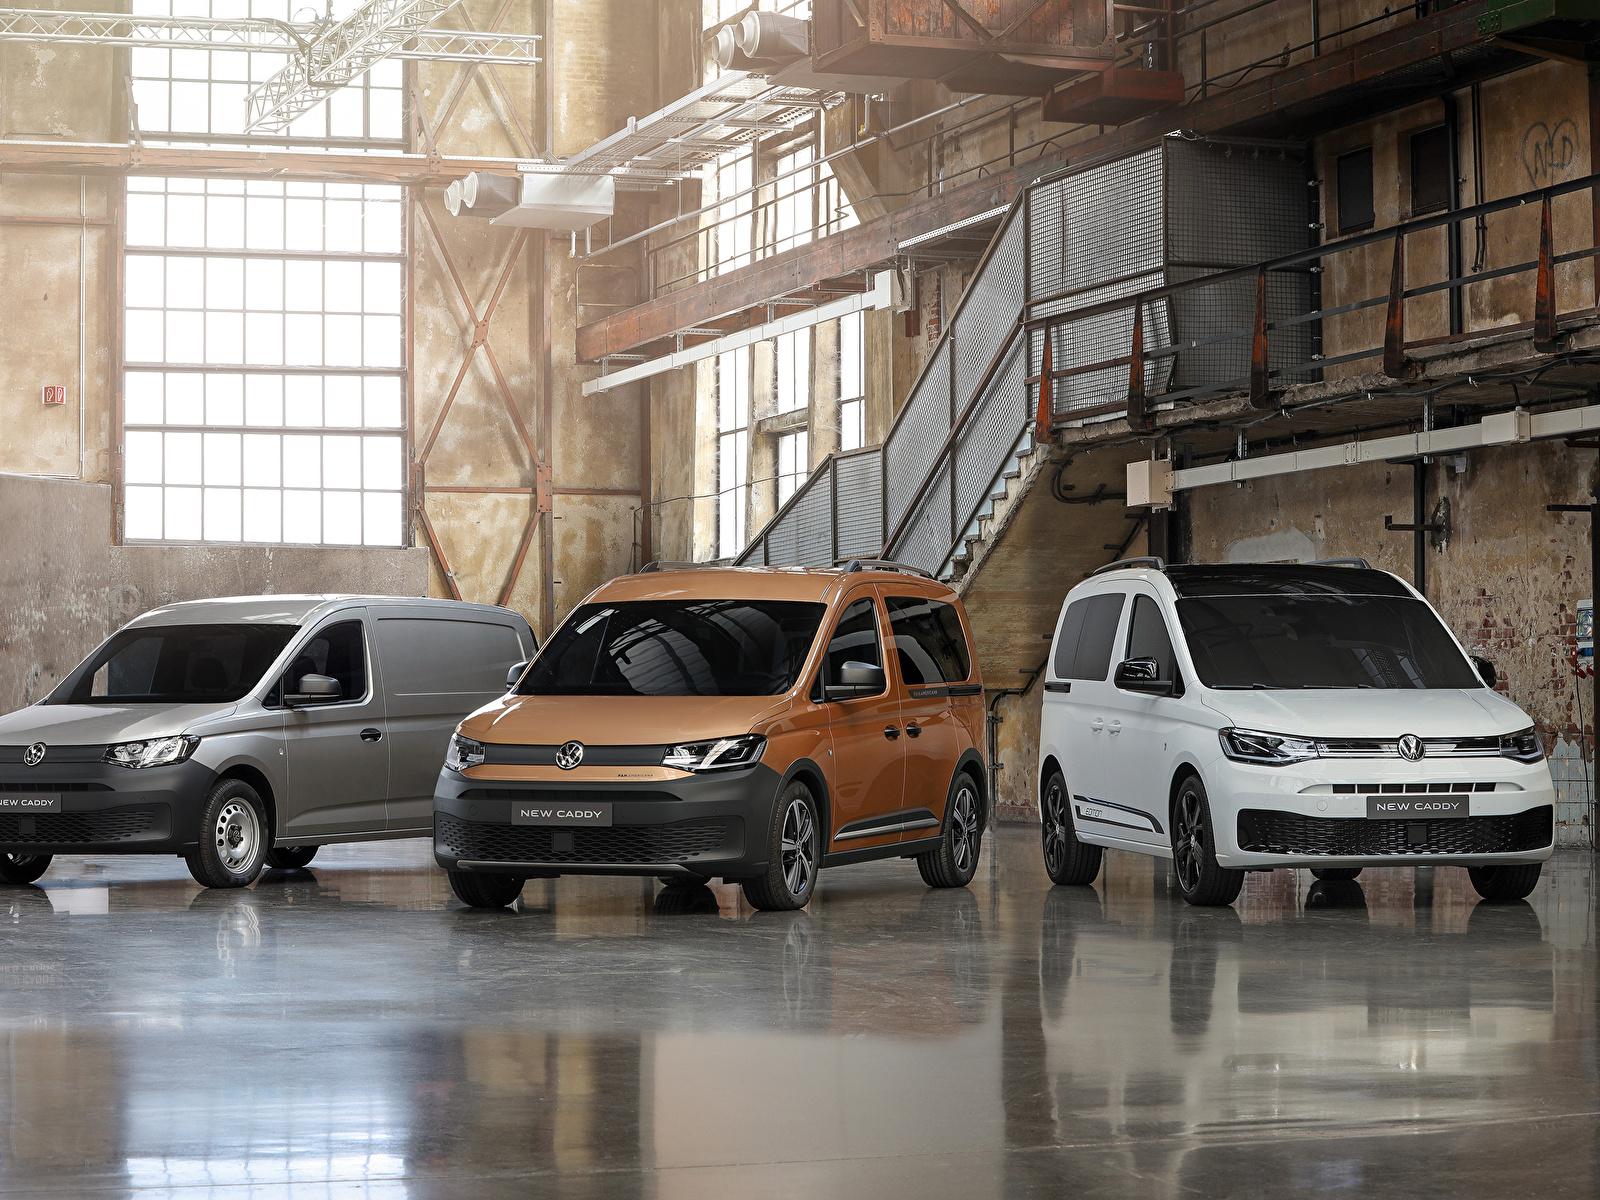 Fotos von Volkswagen 2020 Caddy Ein Van auto Drei 3 1600x1200 Autos automobil